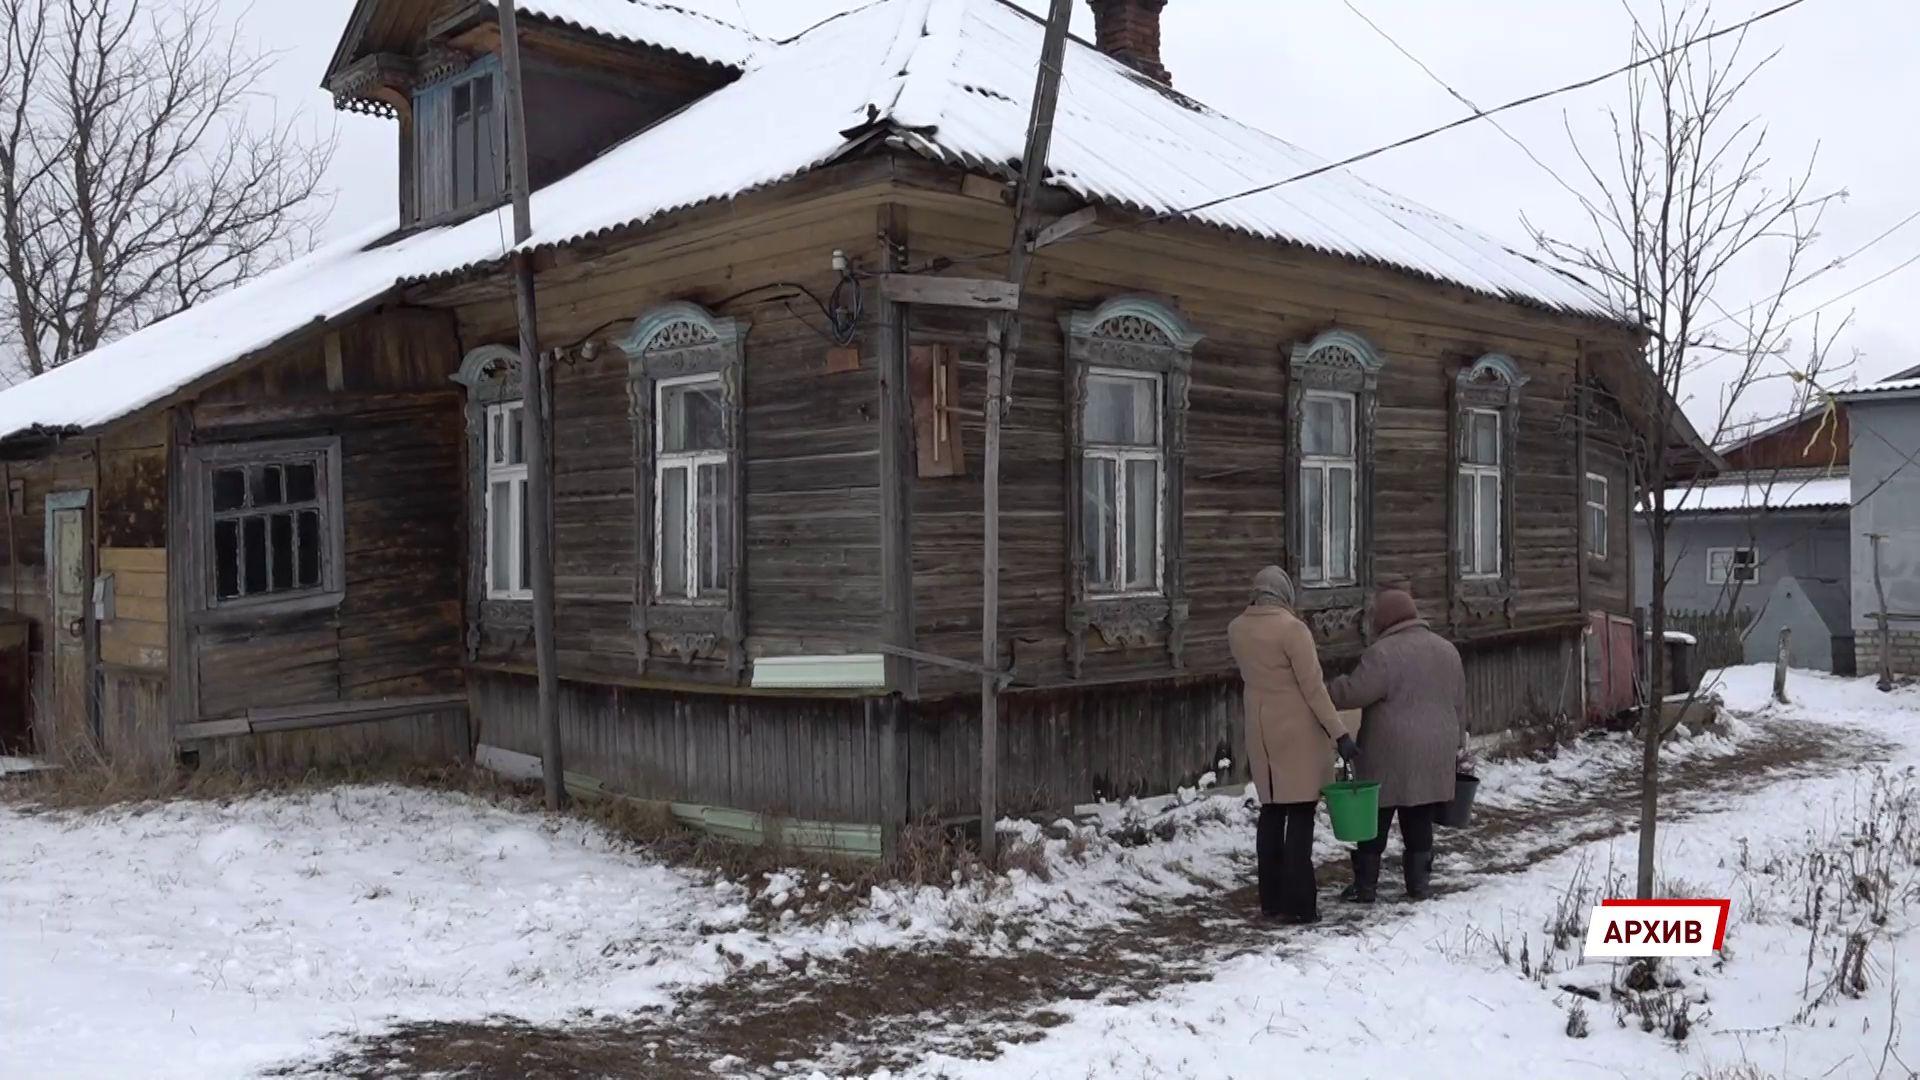 Ярославец поджег 61-летнюю сожительницу